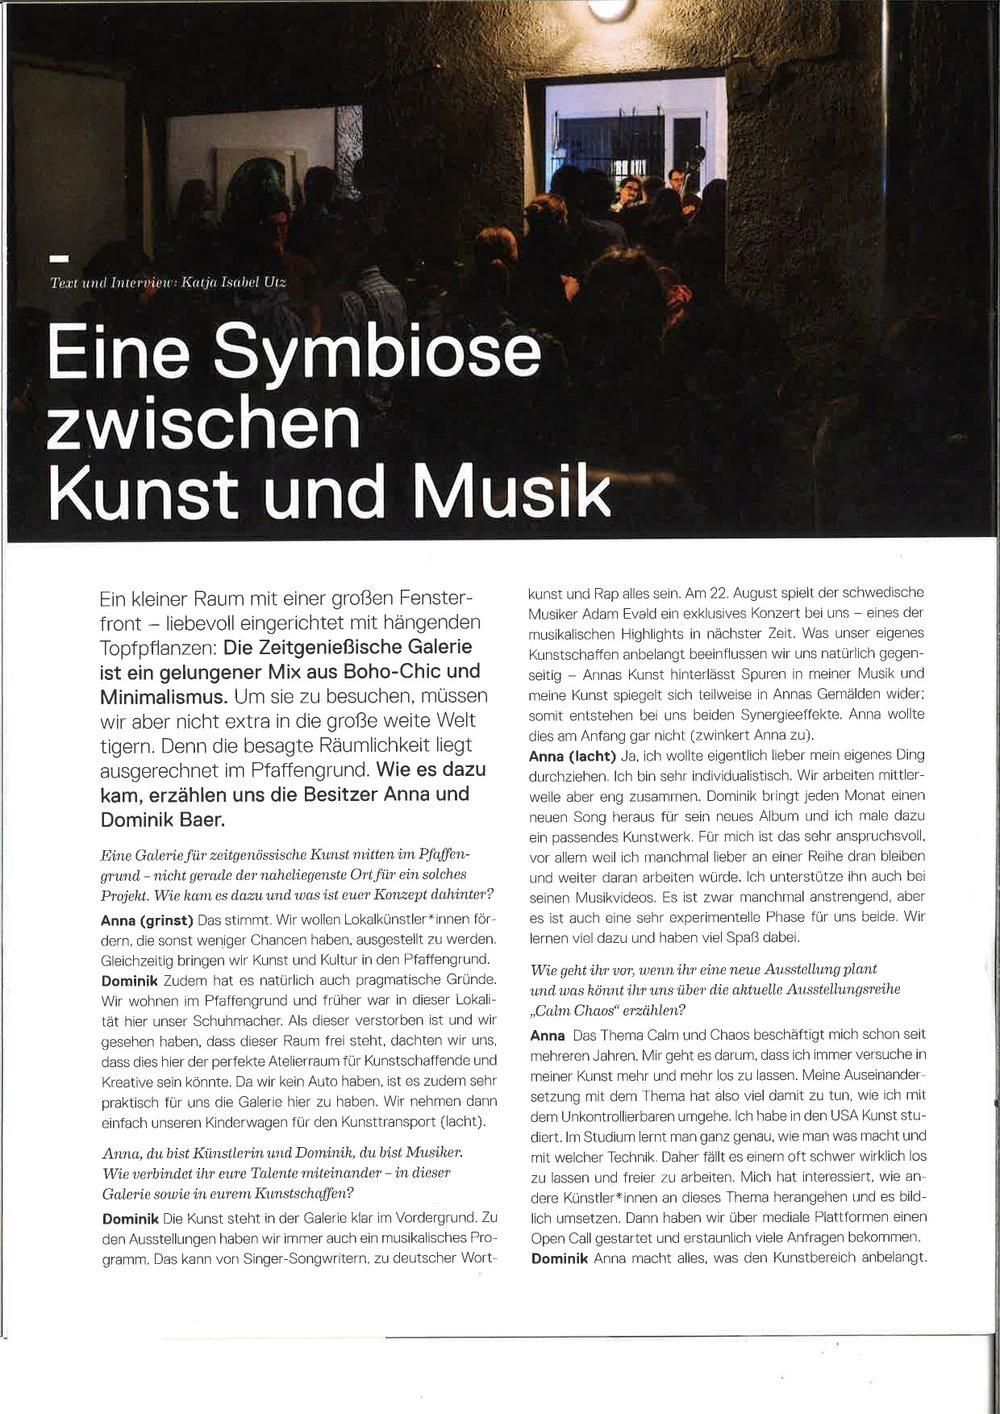 Kalle-Eine-Symbiose-zwischen-Kunst-und-Musik.jpg